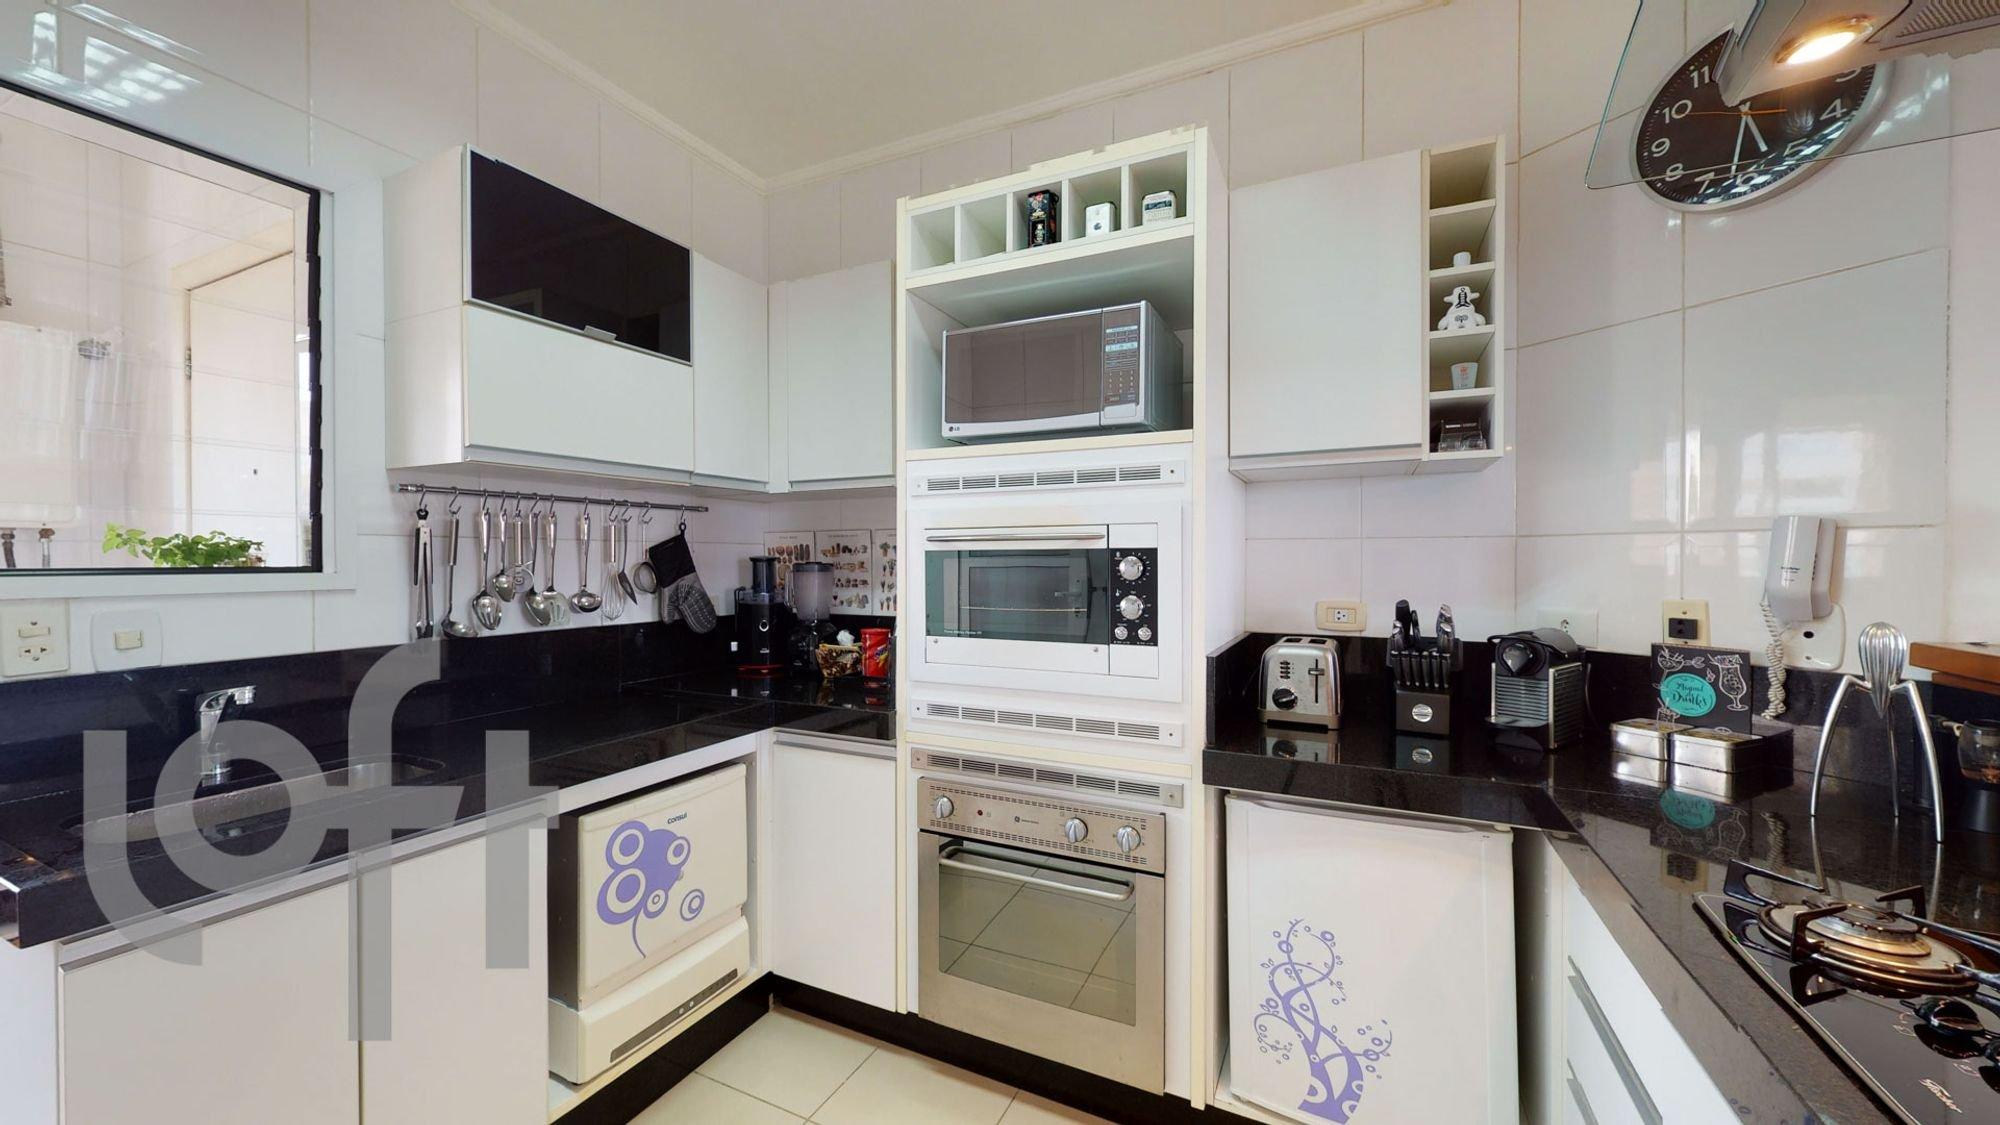 Foto de Cozinha com vaso de planta, colher, garrafa, forno, microondas